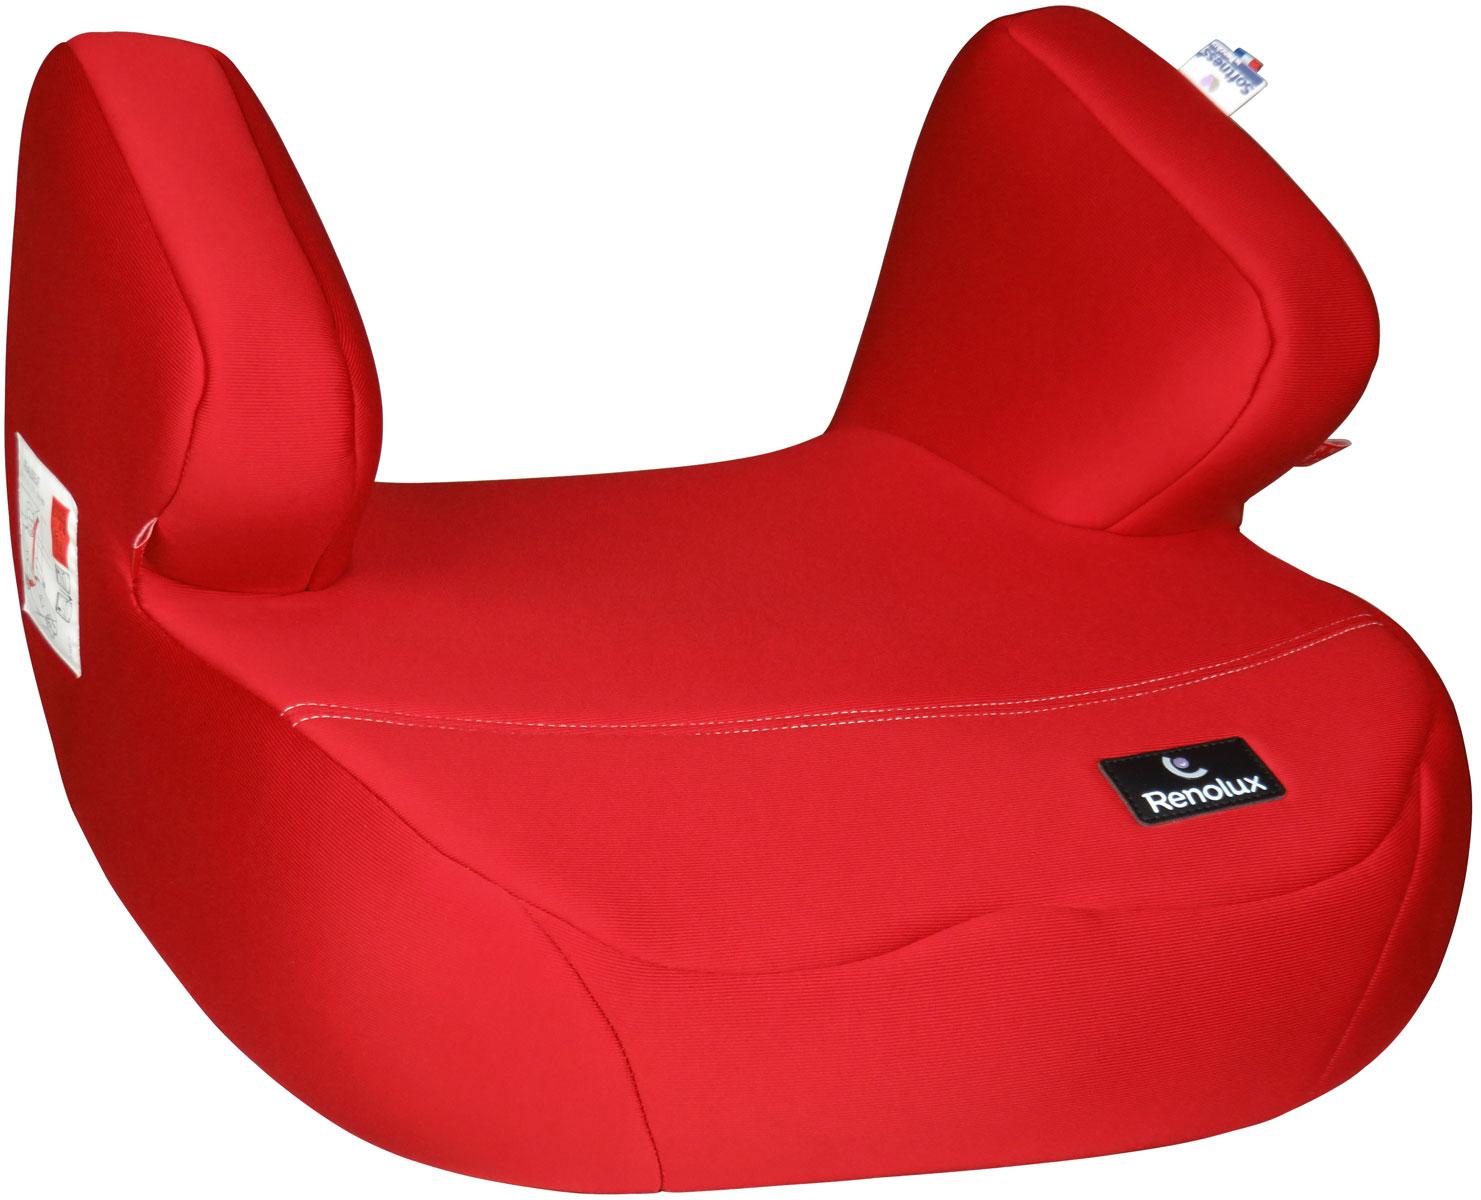 купить Renolux Автокресло-бустер Jet цвет красный по цене 3190 рублей